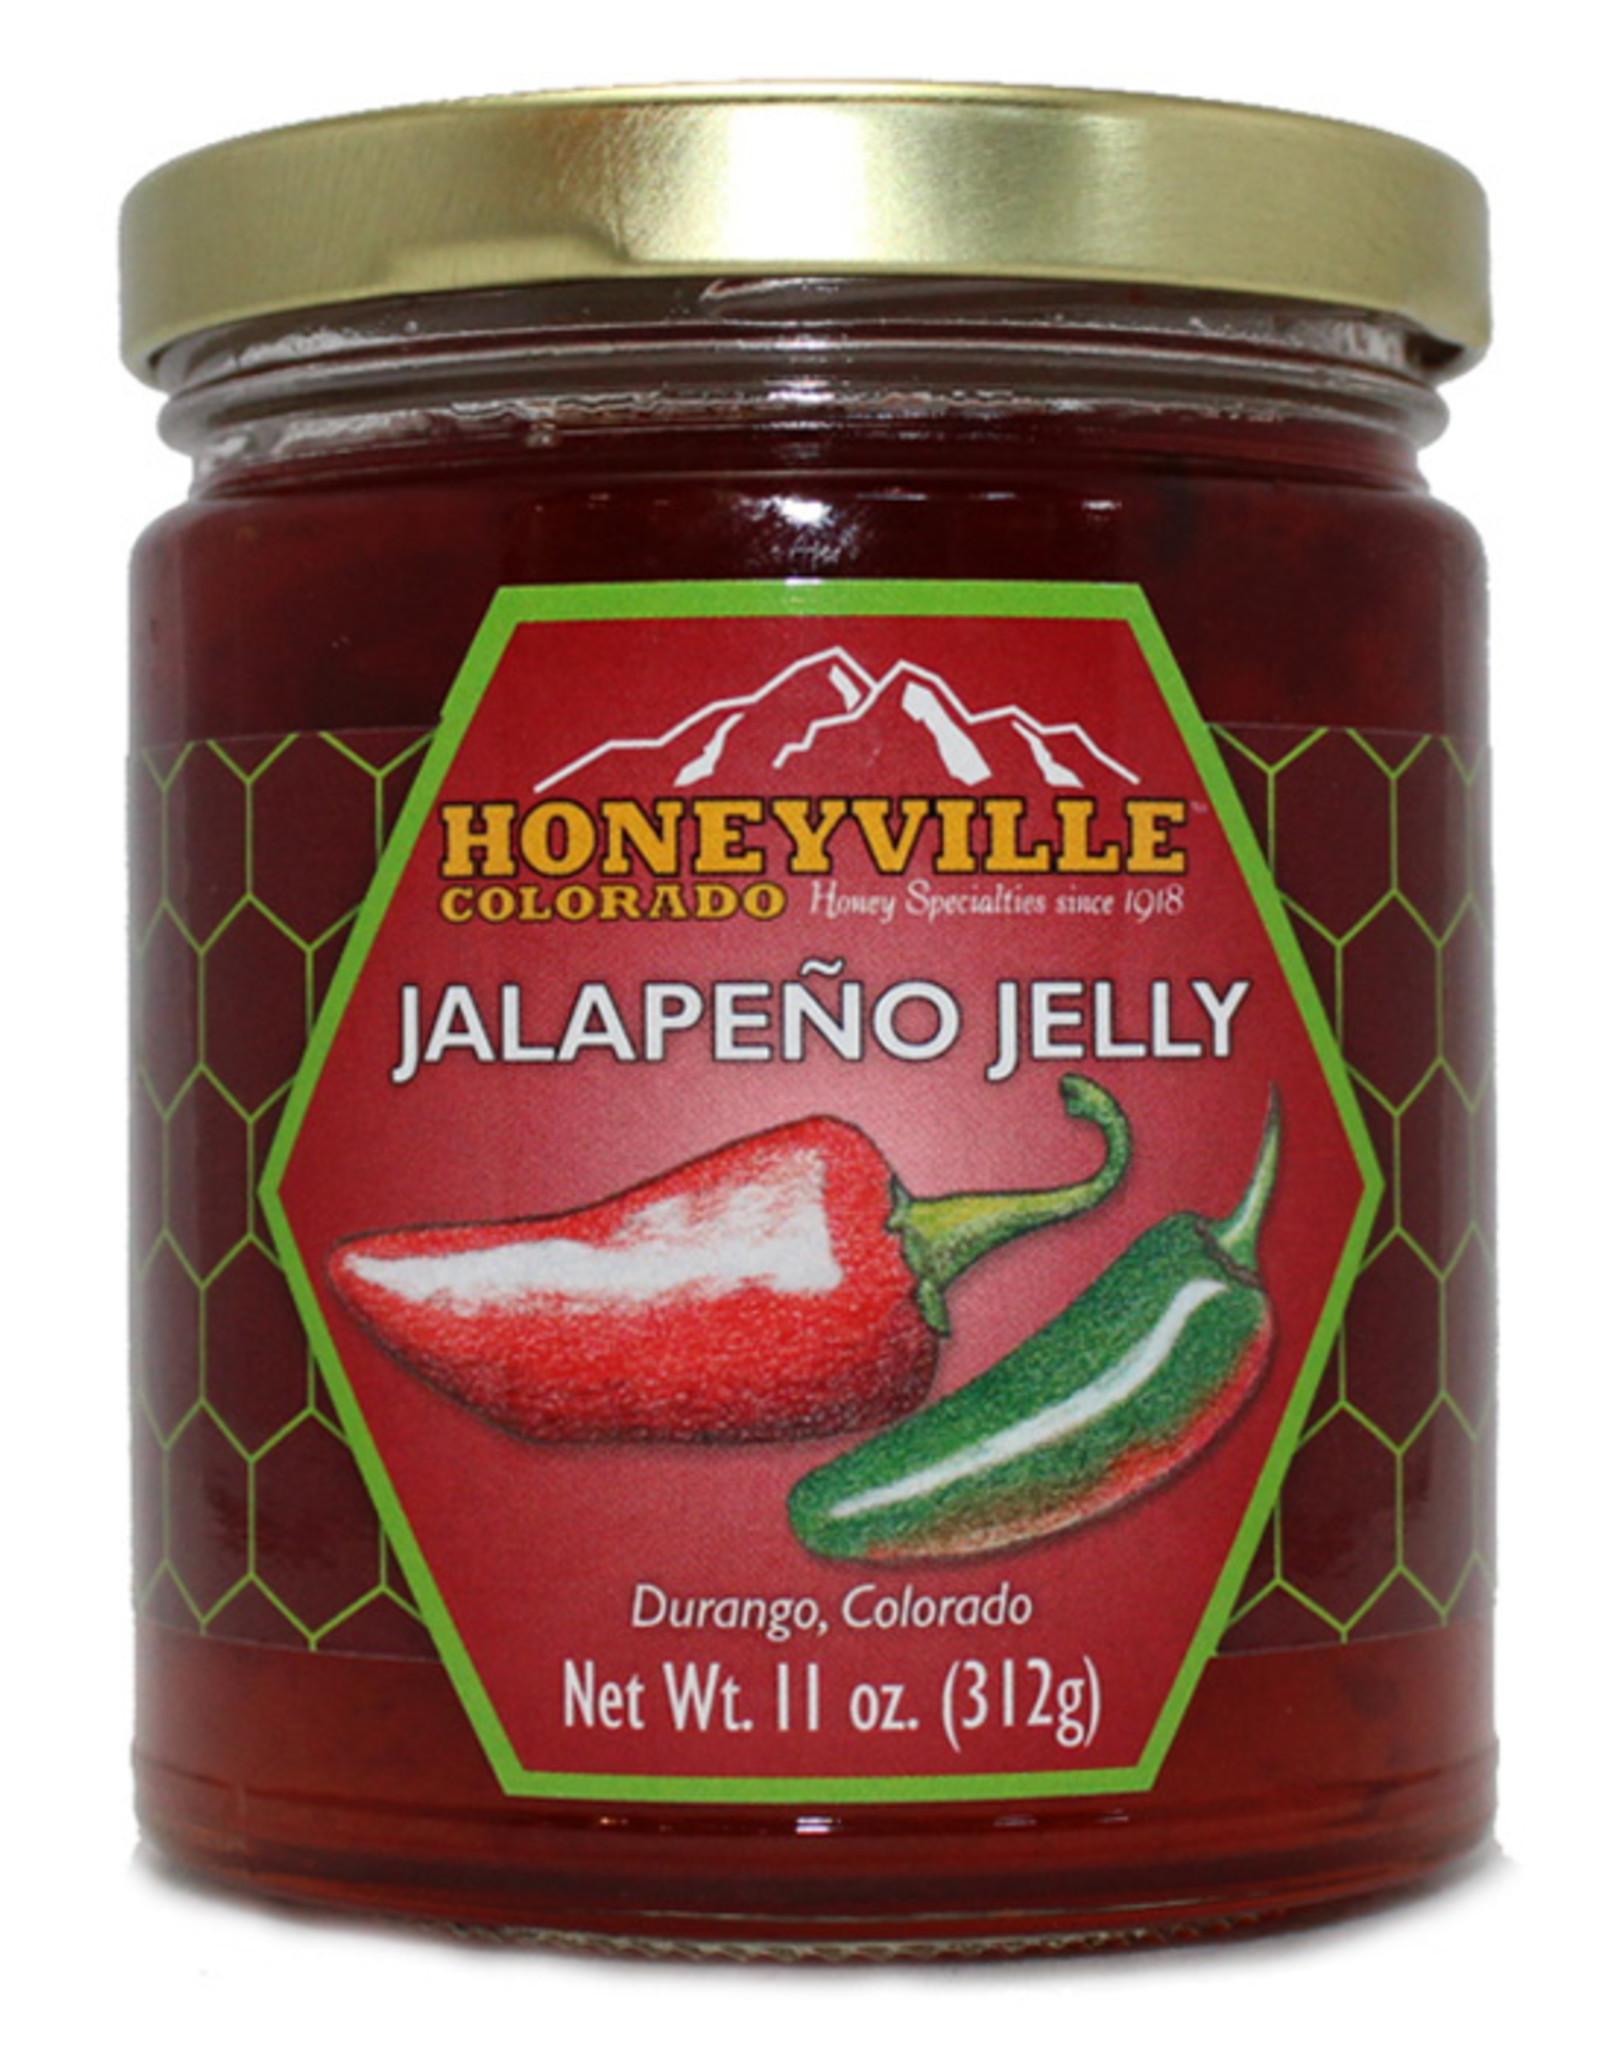 Honeyville Jalapeno Jelly Honeyville